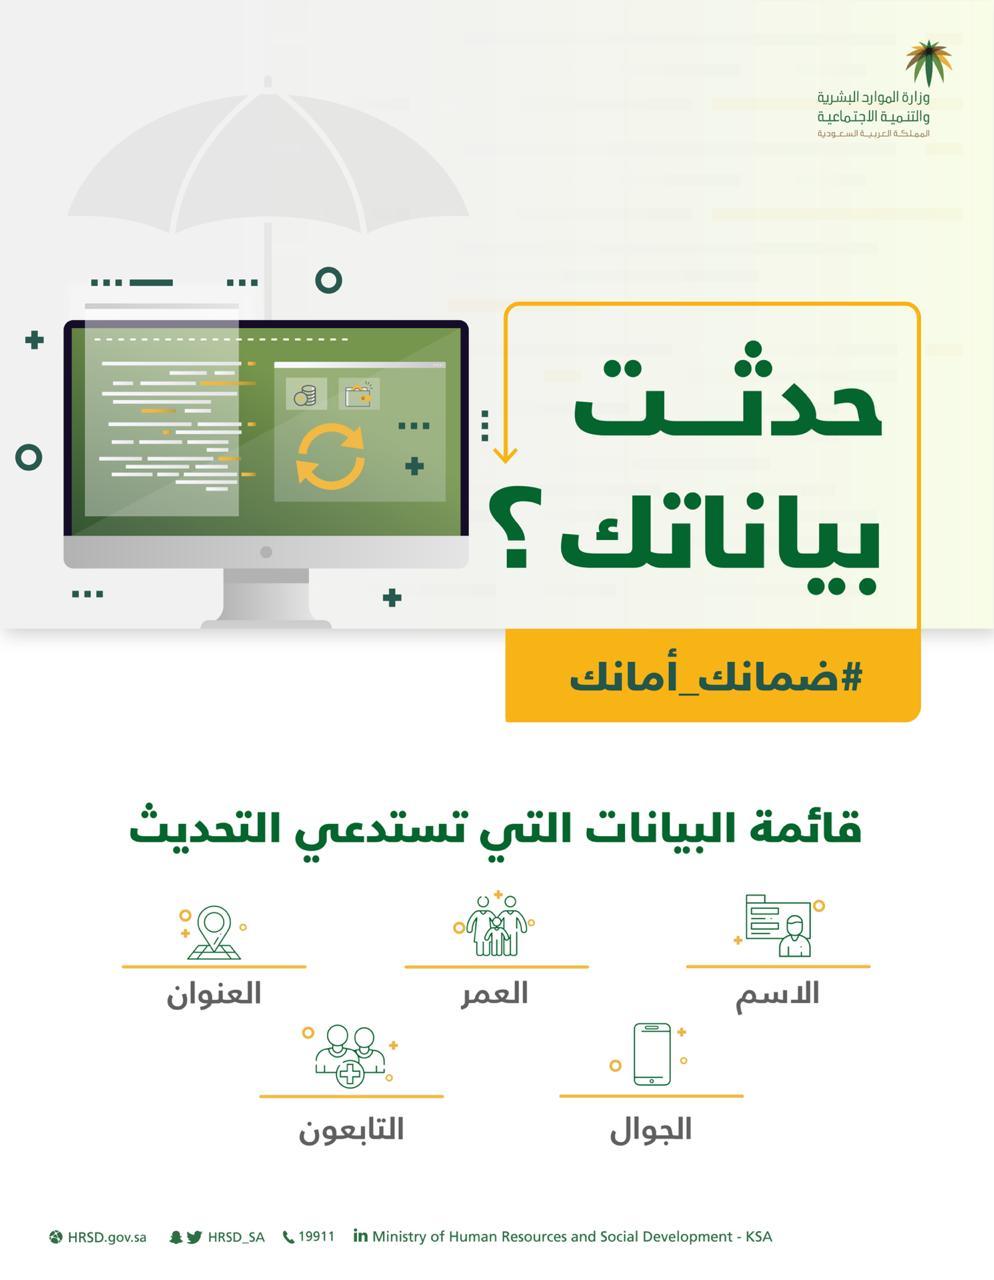 https://www.almowaten.net/wp-content/uploads/2020/07/%D8%A7%D9%84%D8%B6%D9%85%D8%A7%D9%86.jpg